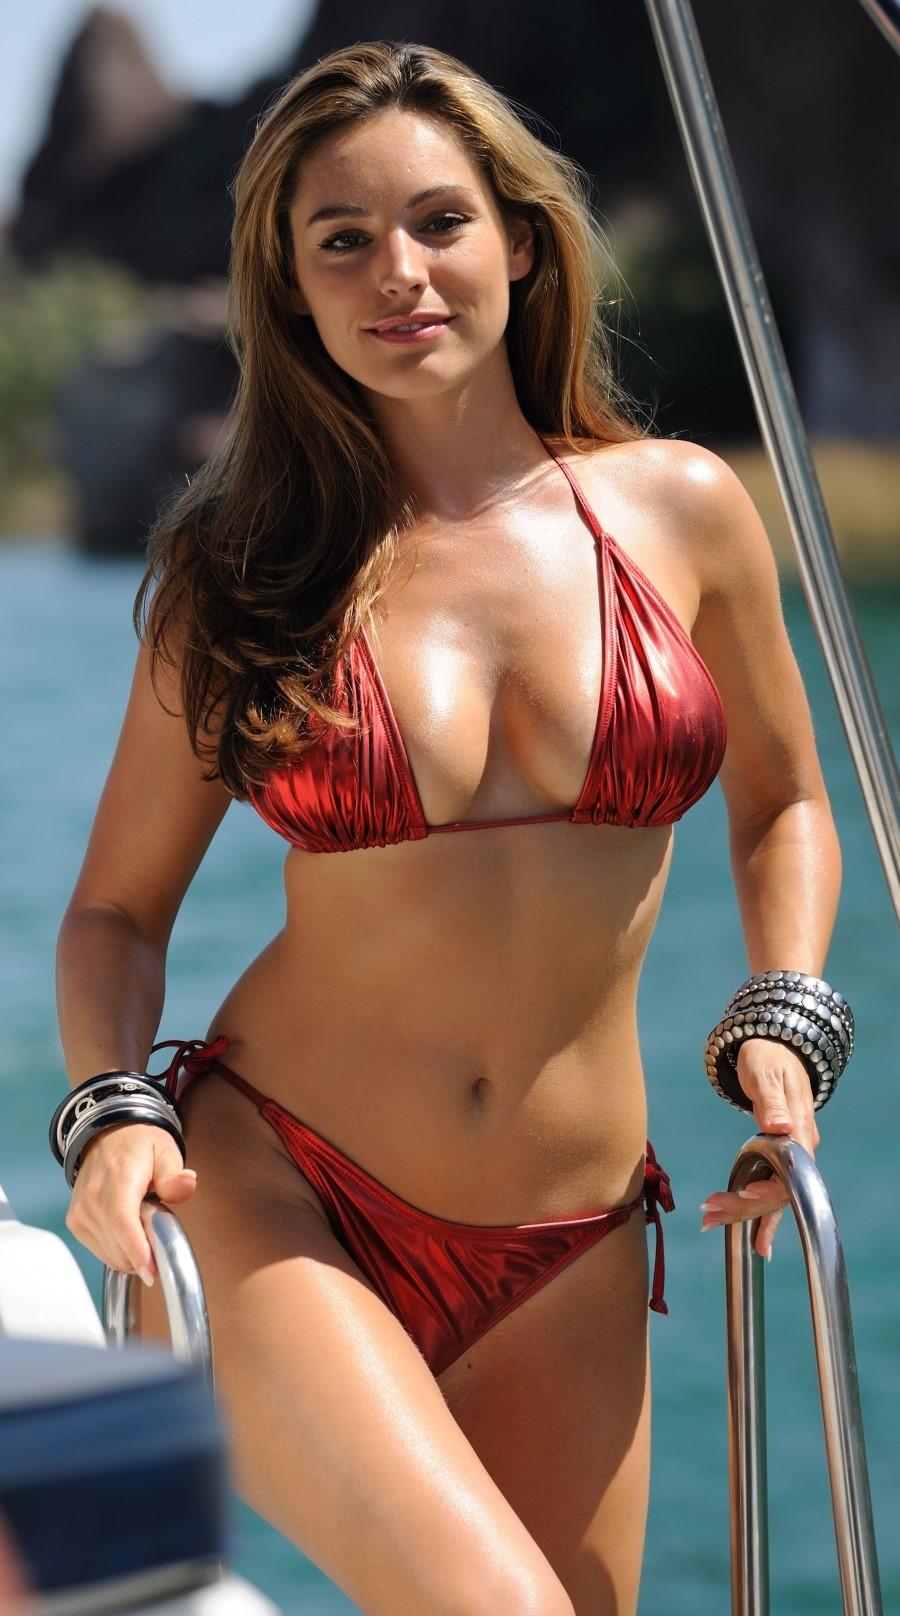 Dina Meyer Hot Image - Snarky-tuesday...